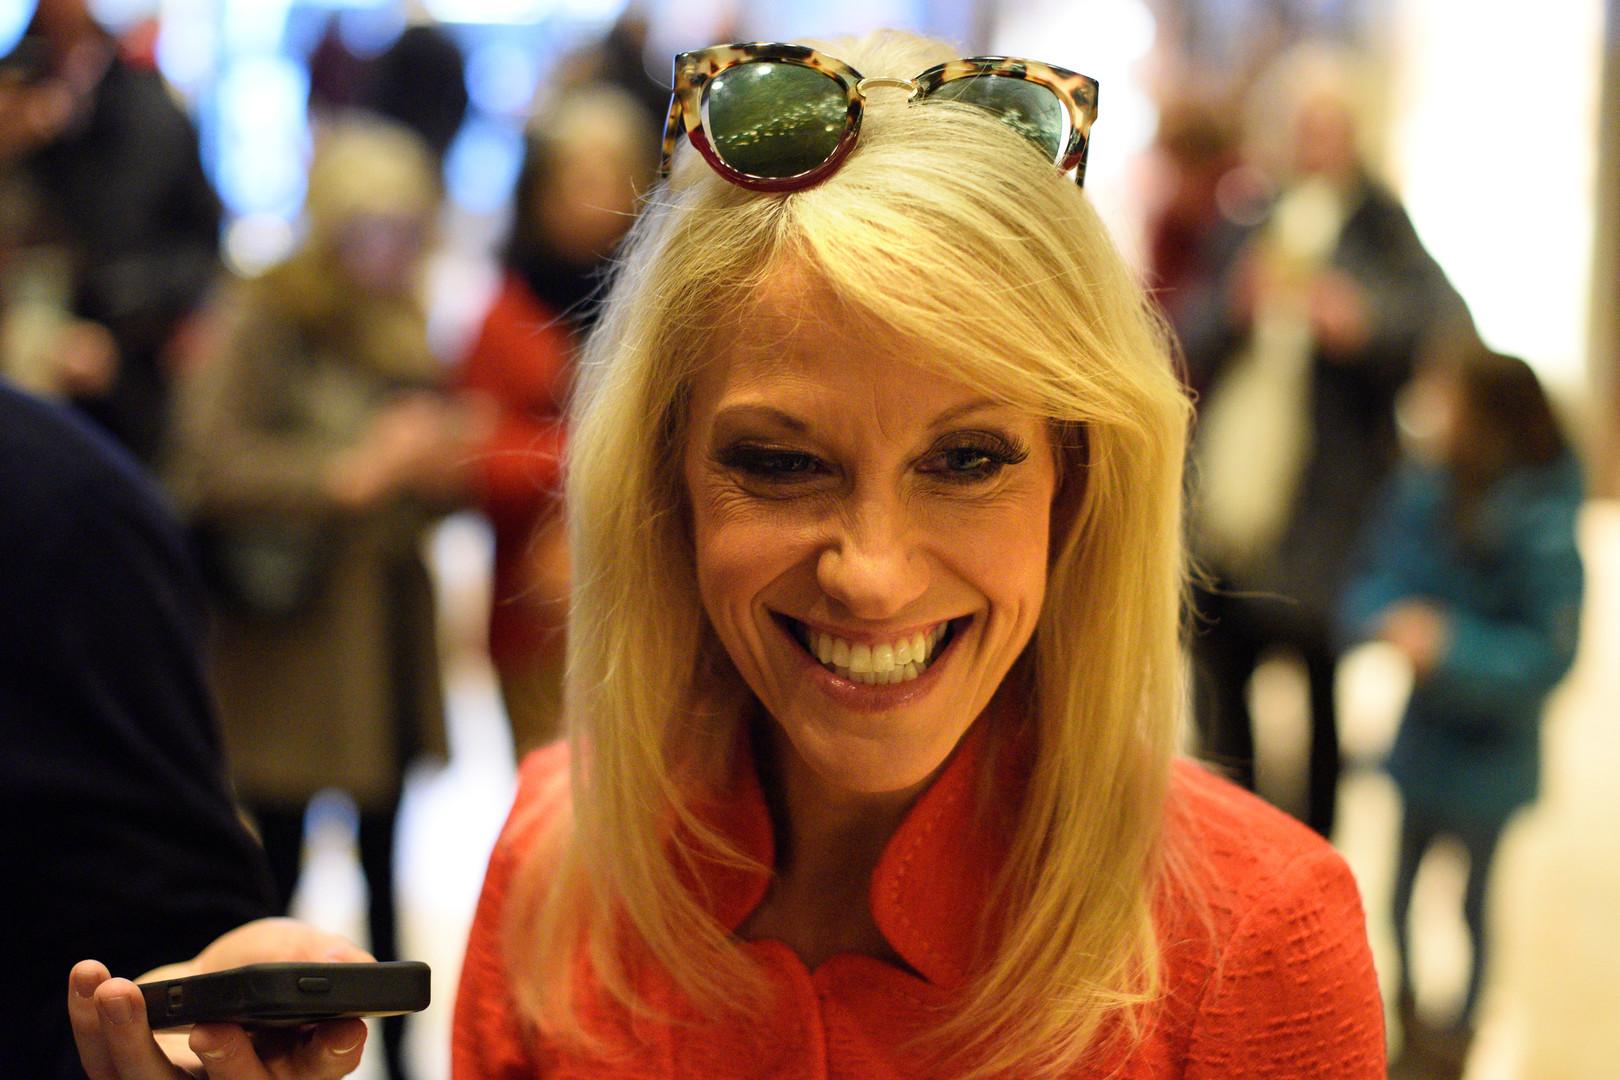 Kellyanne Conway war Wahlkampfleiterin von Trump und wurde von ihm zu seiner Beraterin im Bereich Öffentlichkeitsarbeit  berufen. Die Juristin und Meinungsforscherin ist während des Wahlkampfes mehrmals als politische Kommentatorin bei CNN und Fox News aufgetreten.